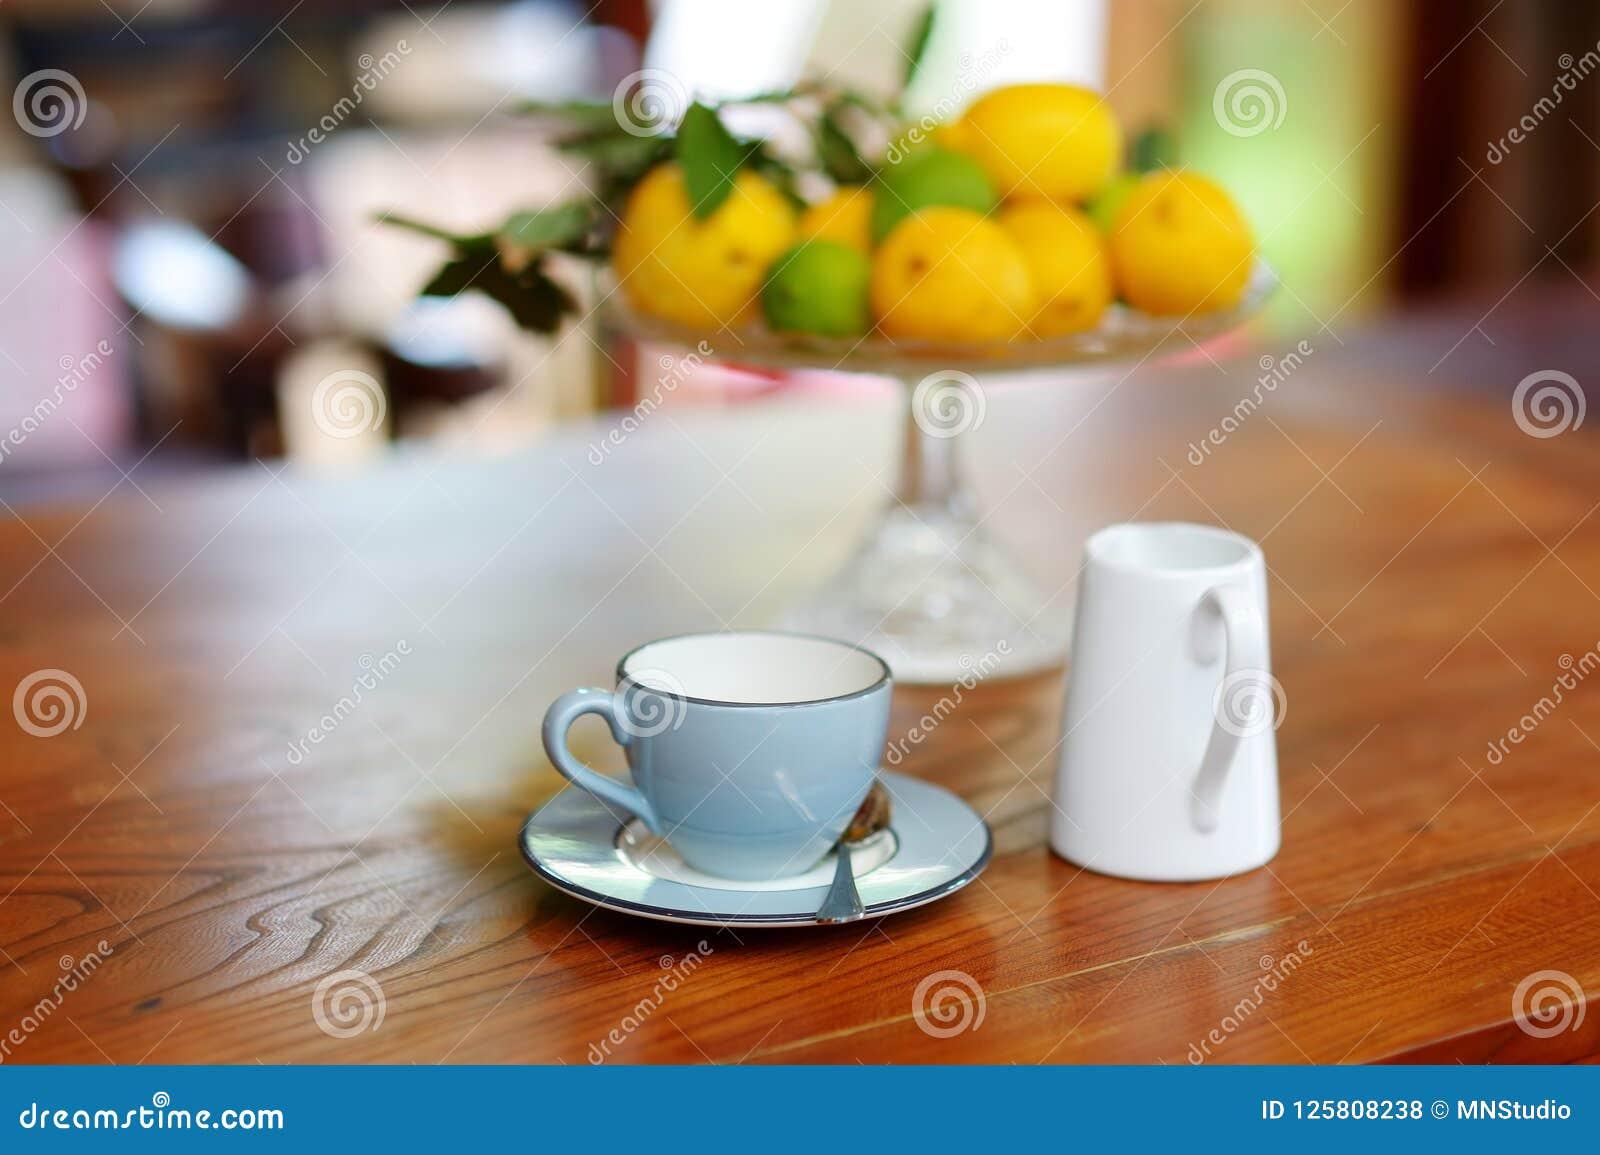 Красивое голубое керамическое чашка на деревянном столе, с блюдом лимонов на предпосылке